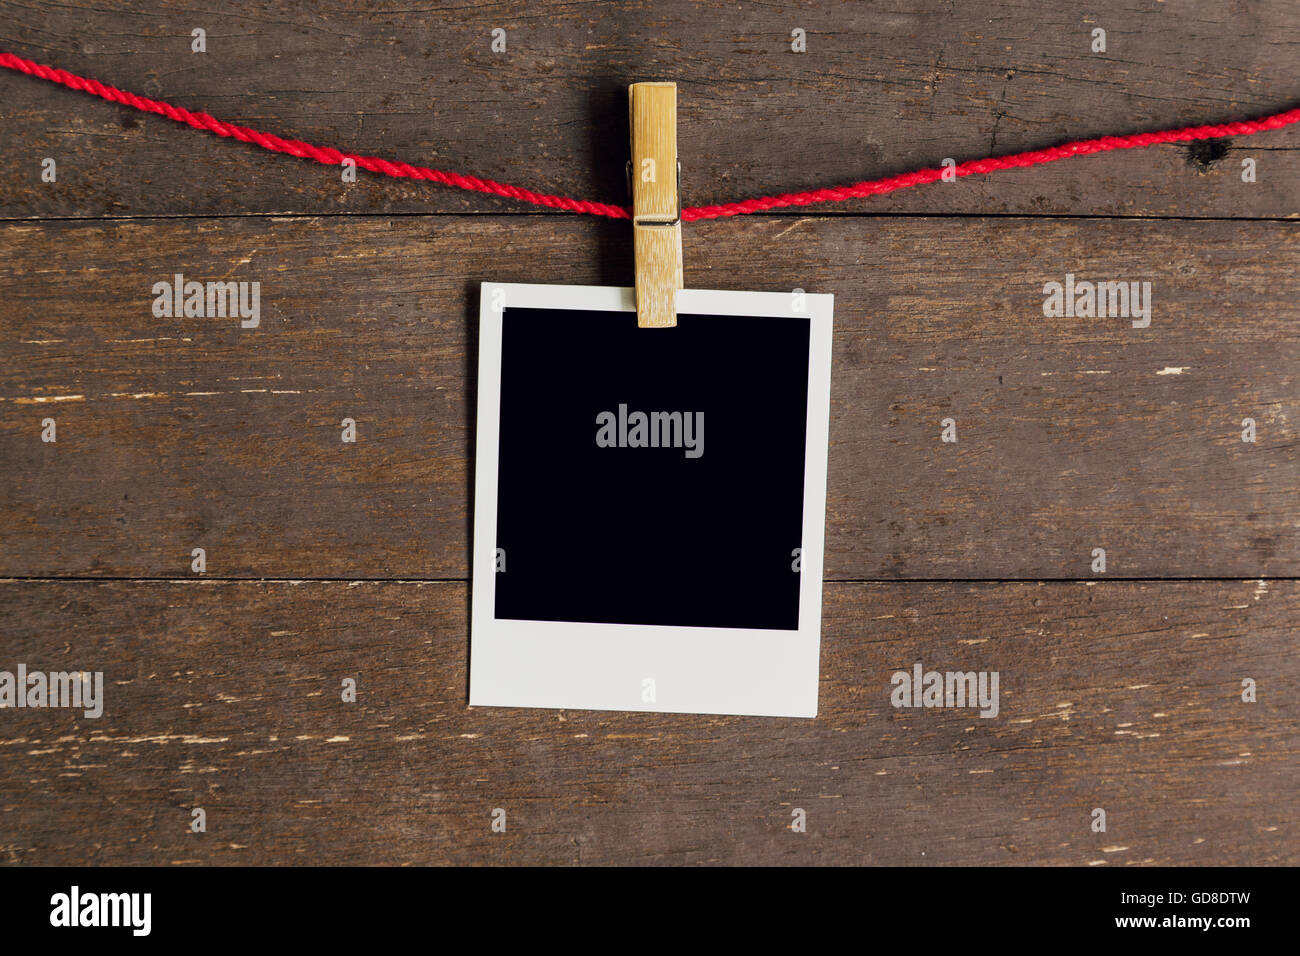 Leere Bilderrahmen mit Wäscheleine hängen Holz Hintergrund Stockfoto ...